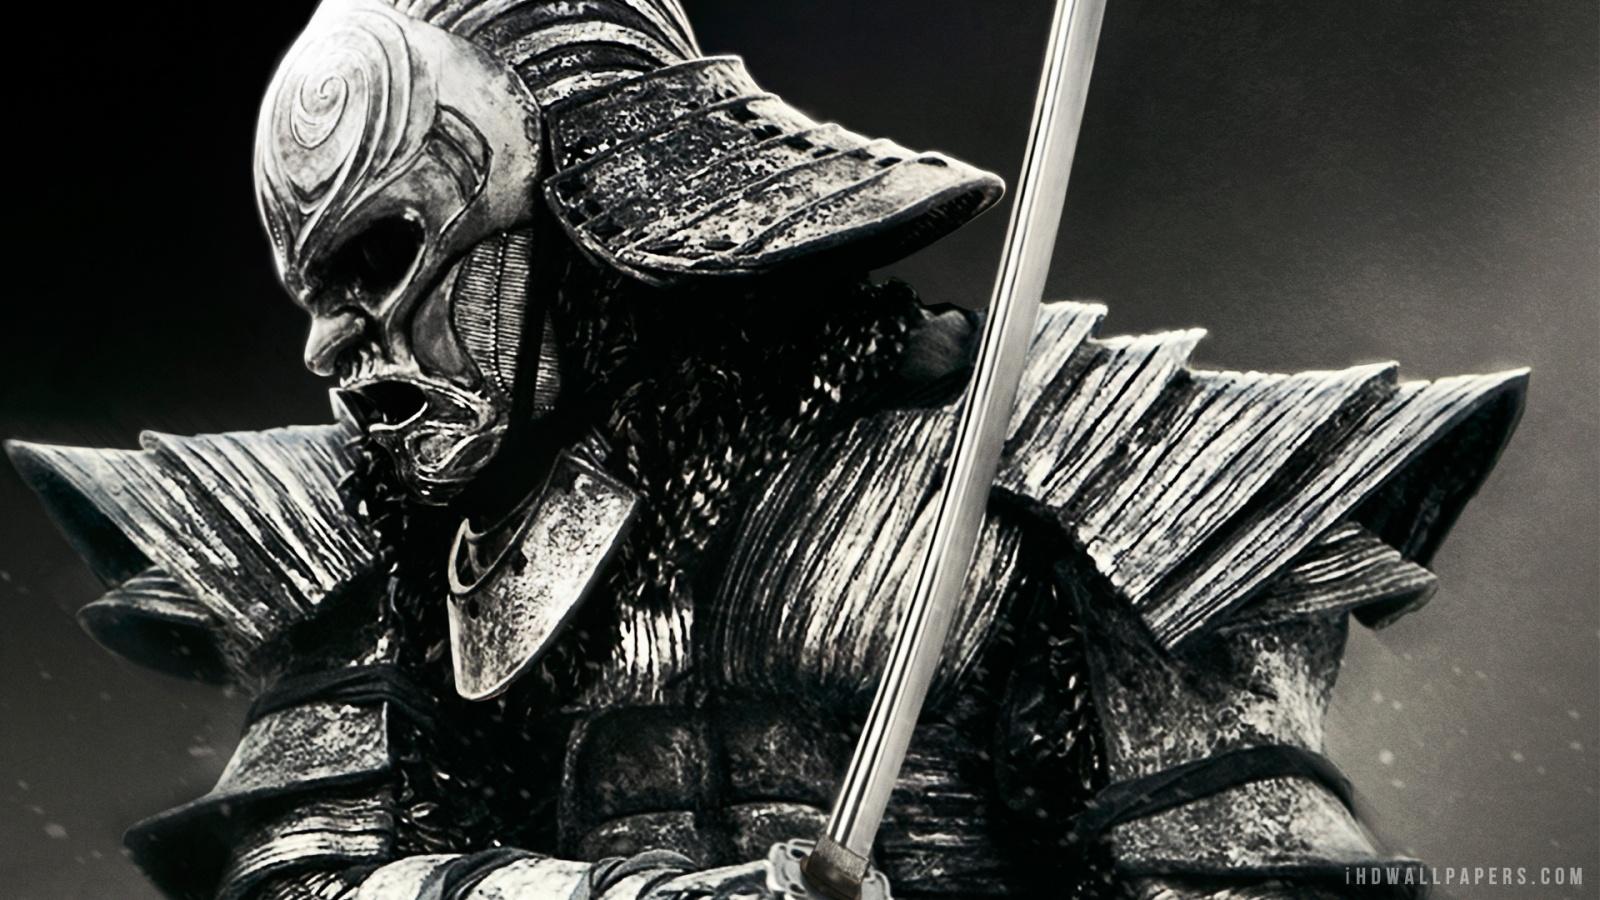 Samurai warriors sucker punch wallpaper 6891 - Samurai Warrior In 47 Ronin Hd Wallpaper Ihd Wallpapers